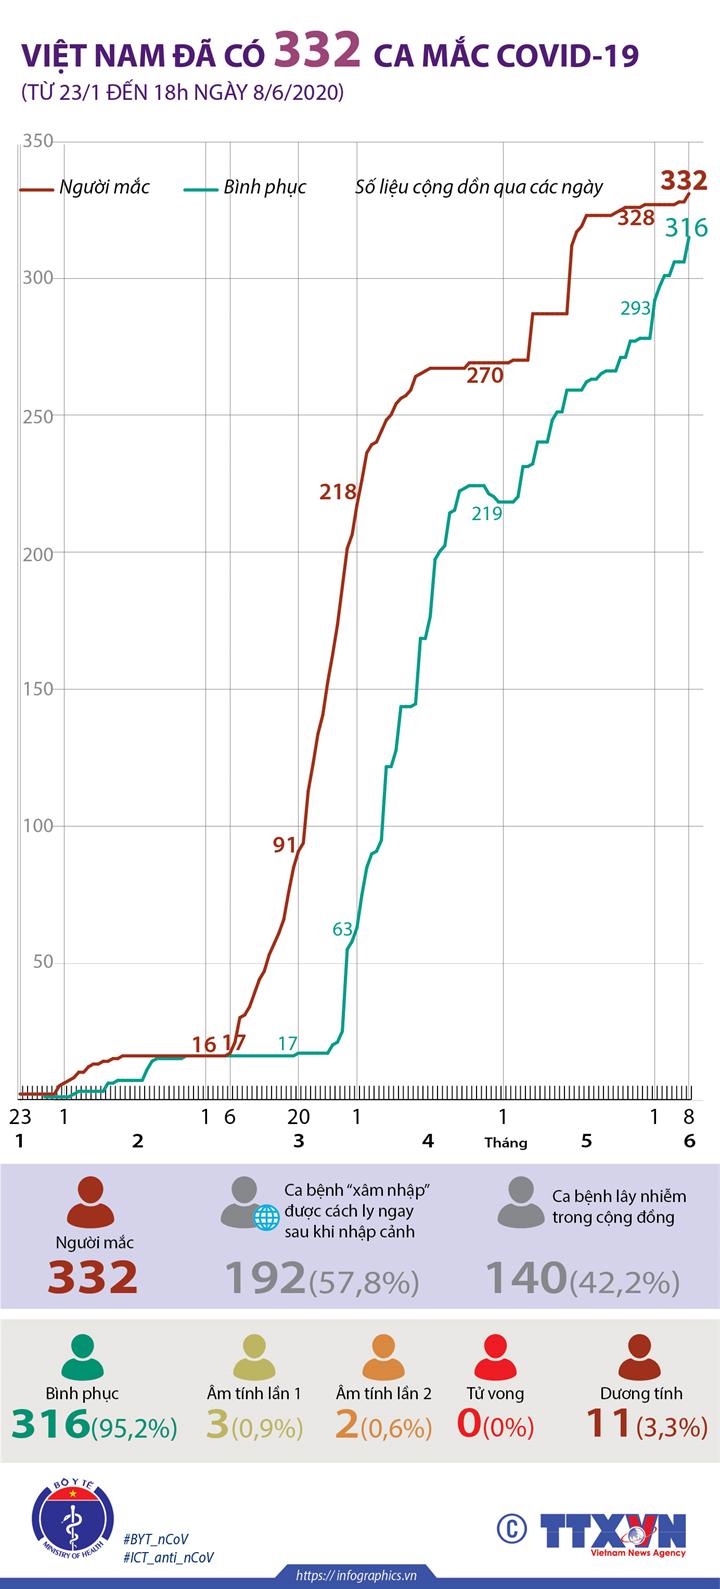 Việt Nam đã có 332 ca mắc COVID-19 (từ 23/1 đến 18h ngày 8/6/2020)